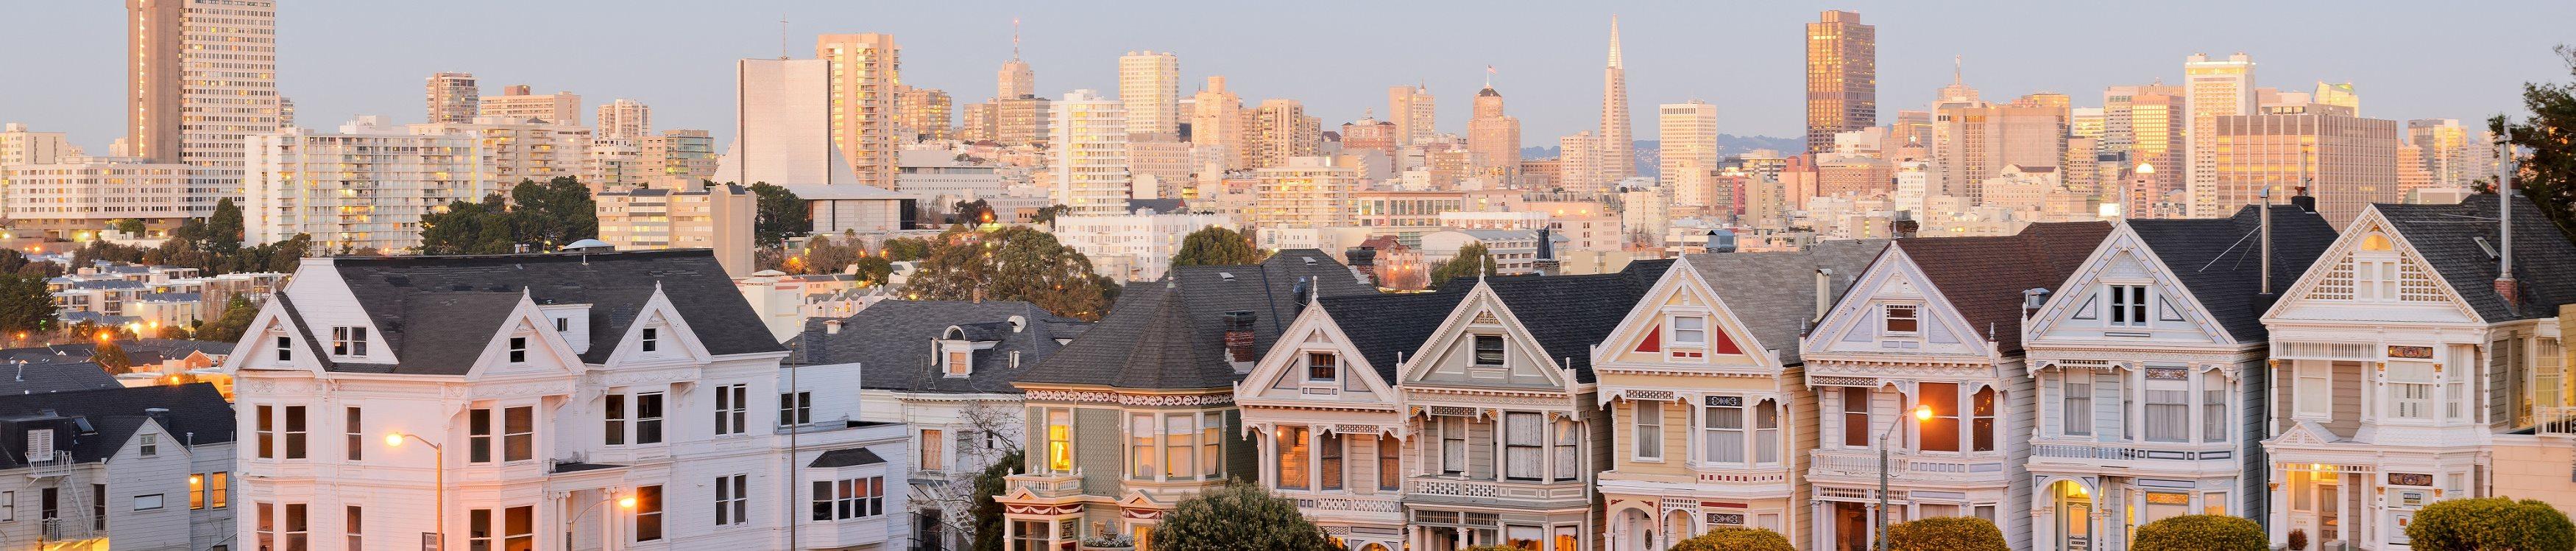 San Francisco Short Term Furnished Apartment Rentals